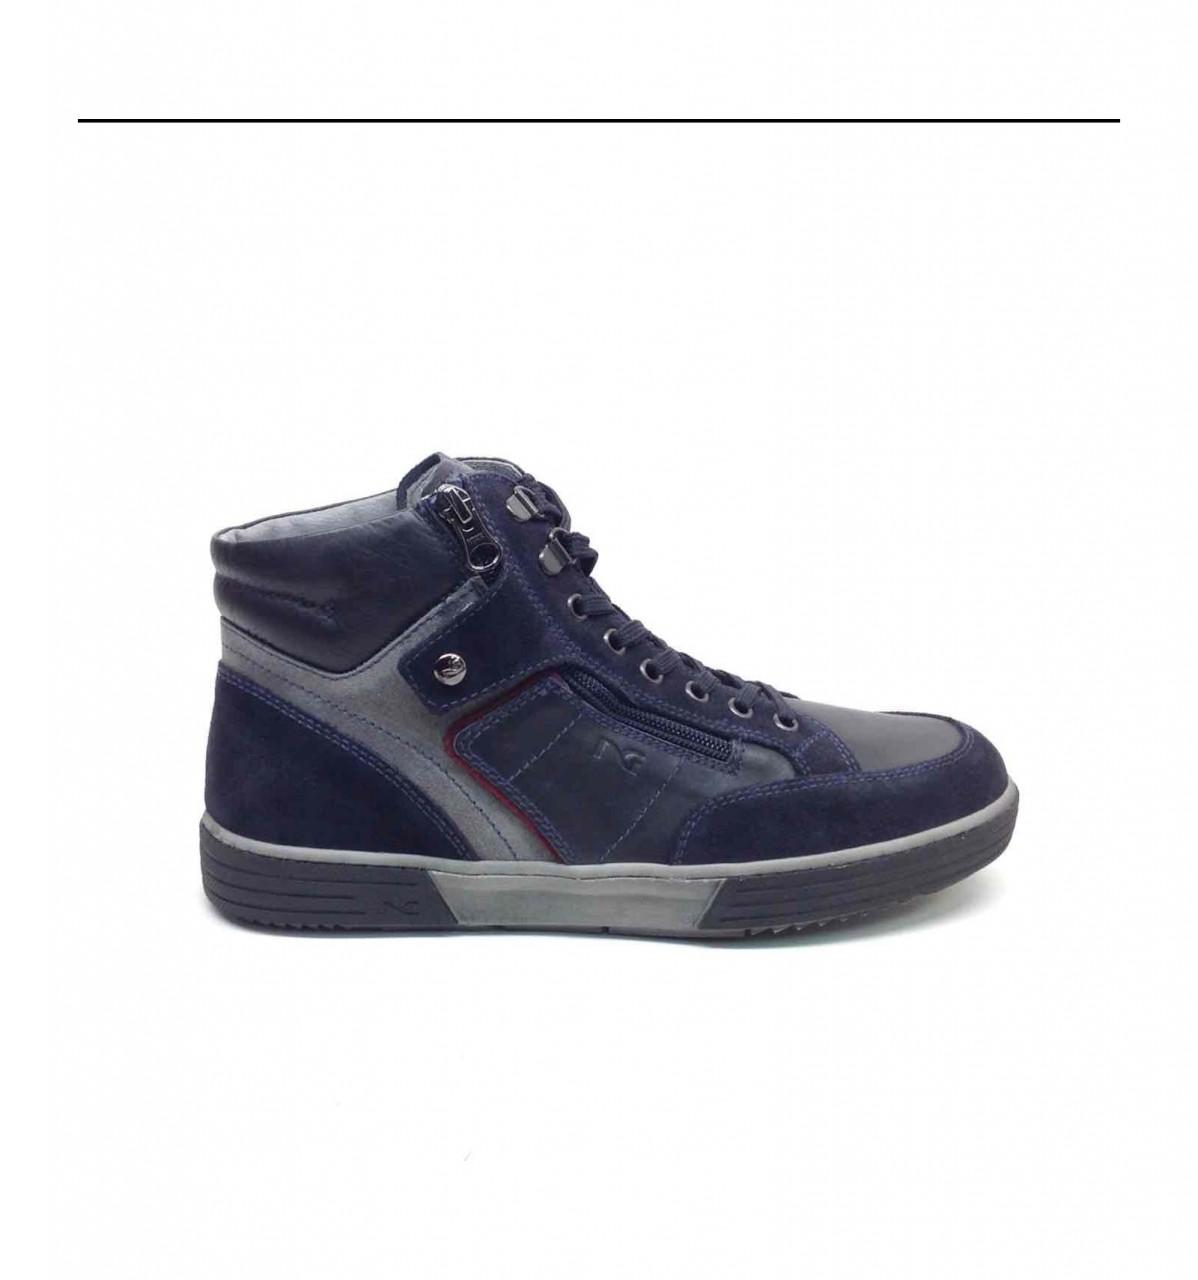 Nero Giardini Sneakers Blu Alta Uomo A800411U 200 - LOMBARDI ... c5684f75b68